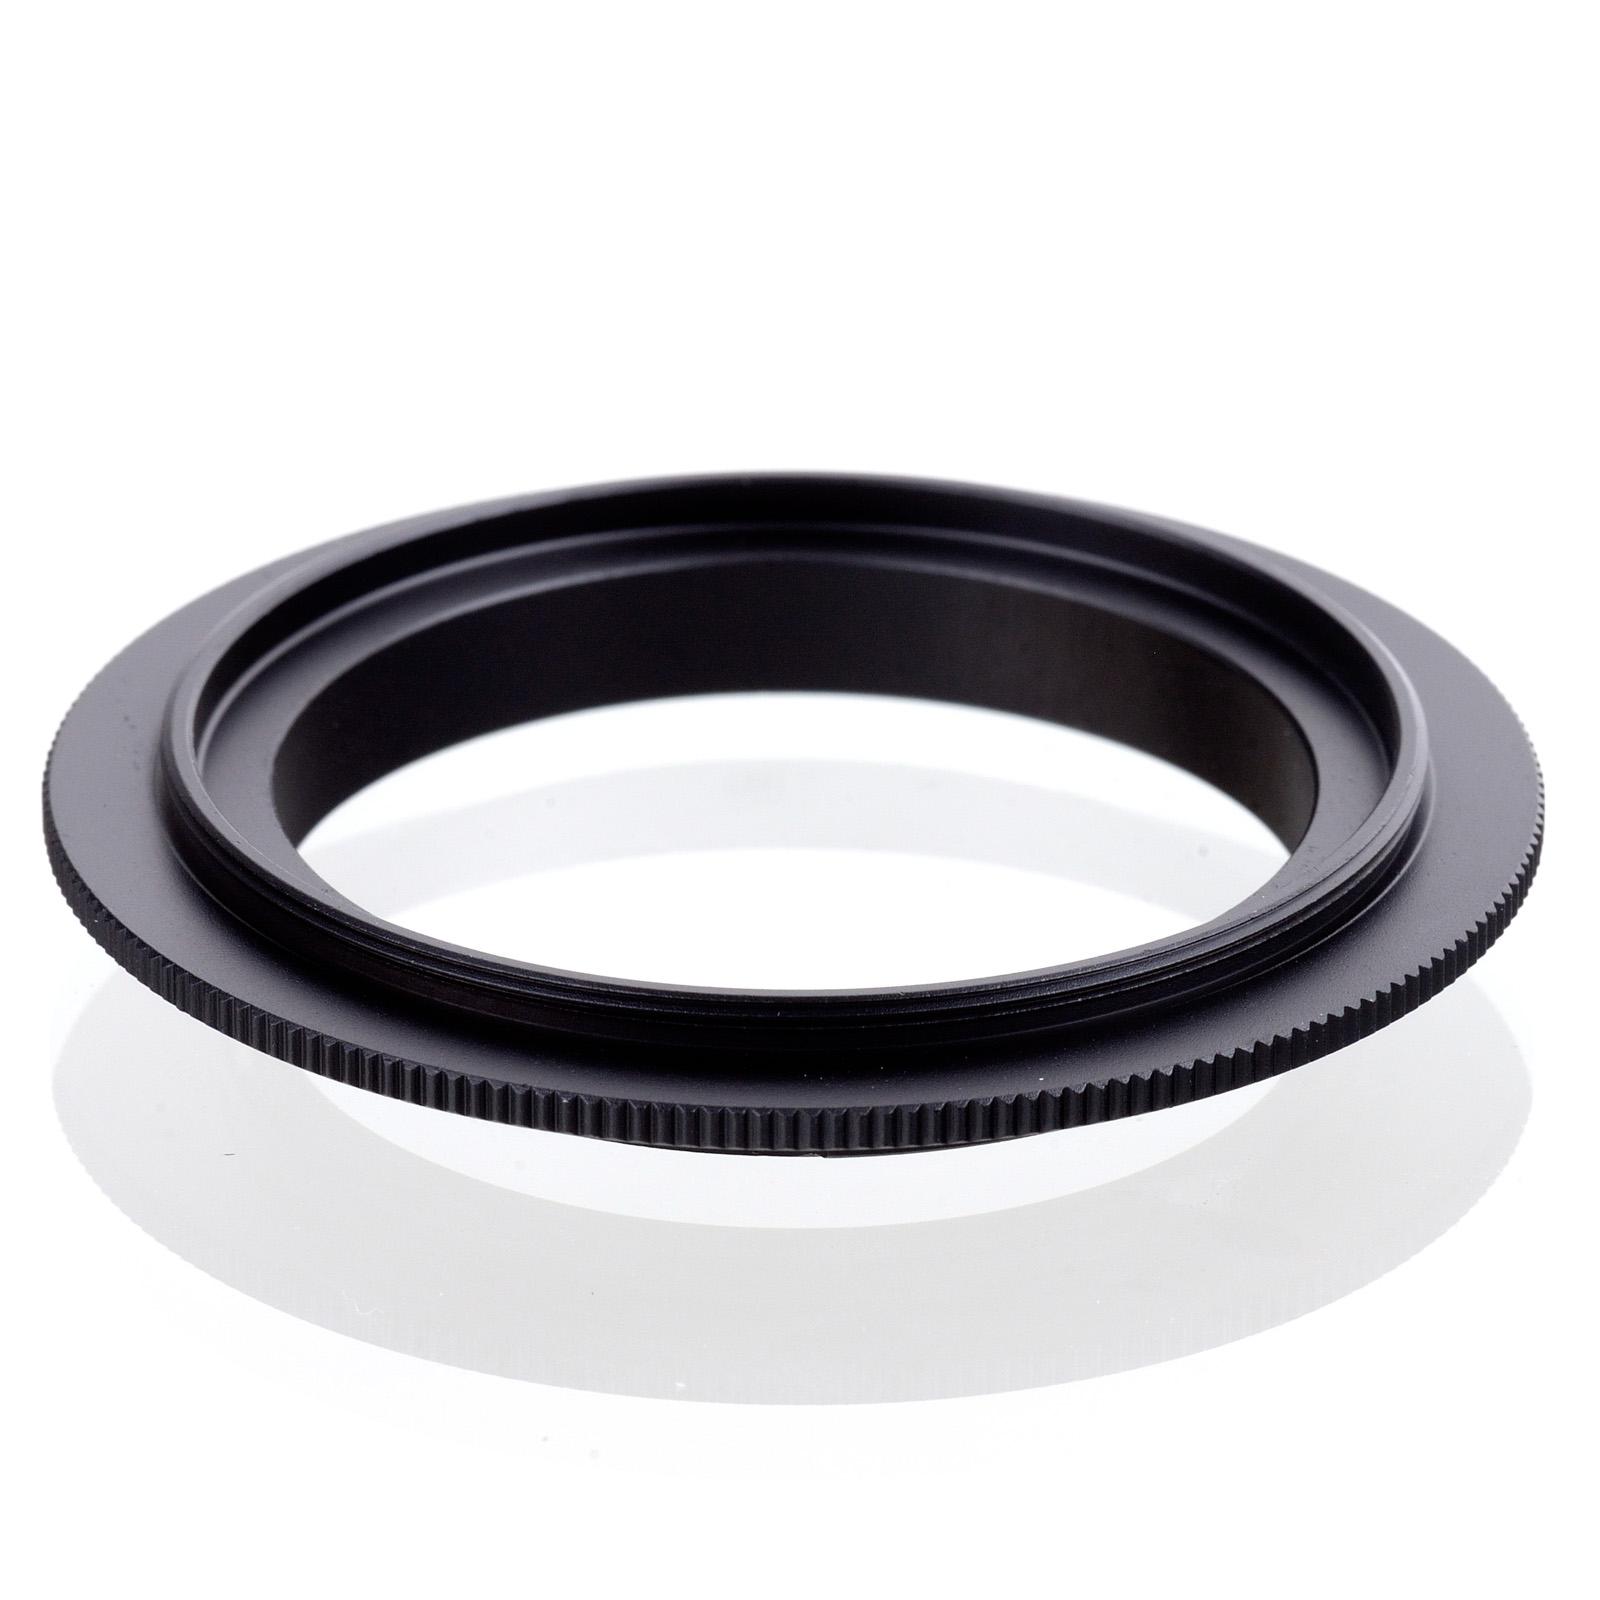 AF 55 мм Макро Обратный Кольцо Адаптер Для Sony Alpha/Minolta MA Горе DSLR